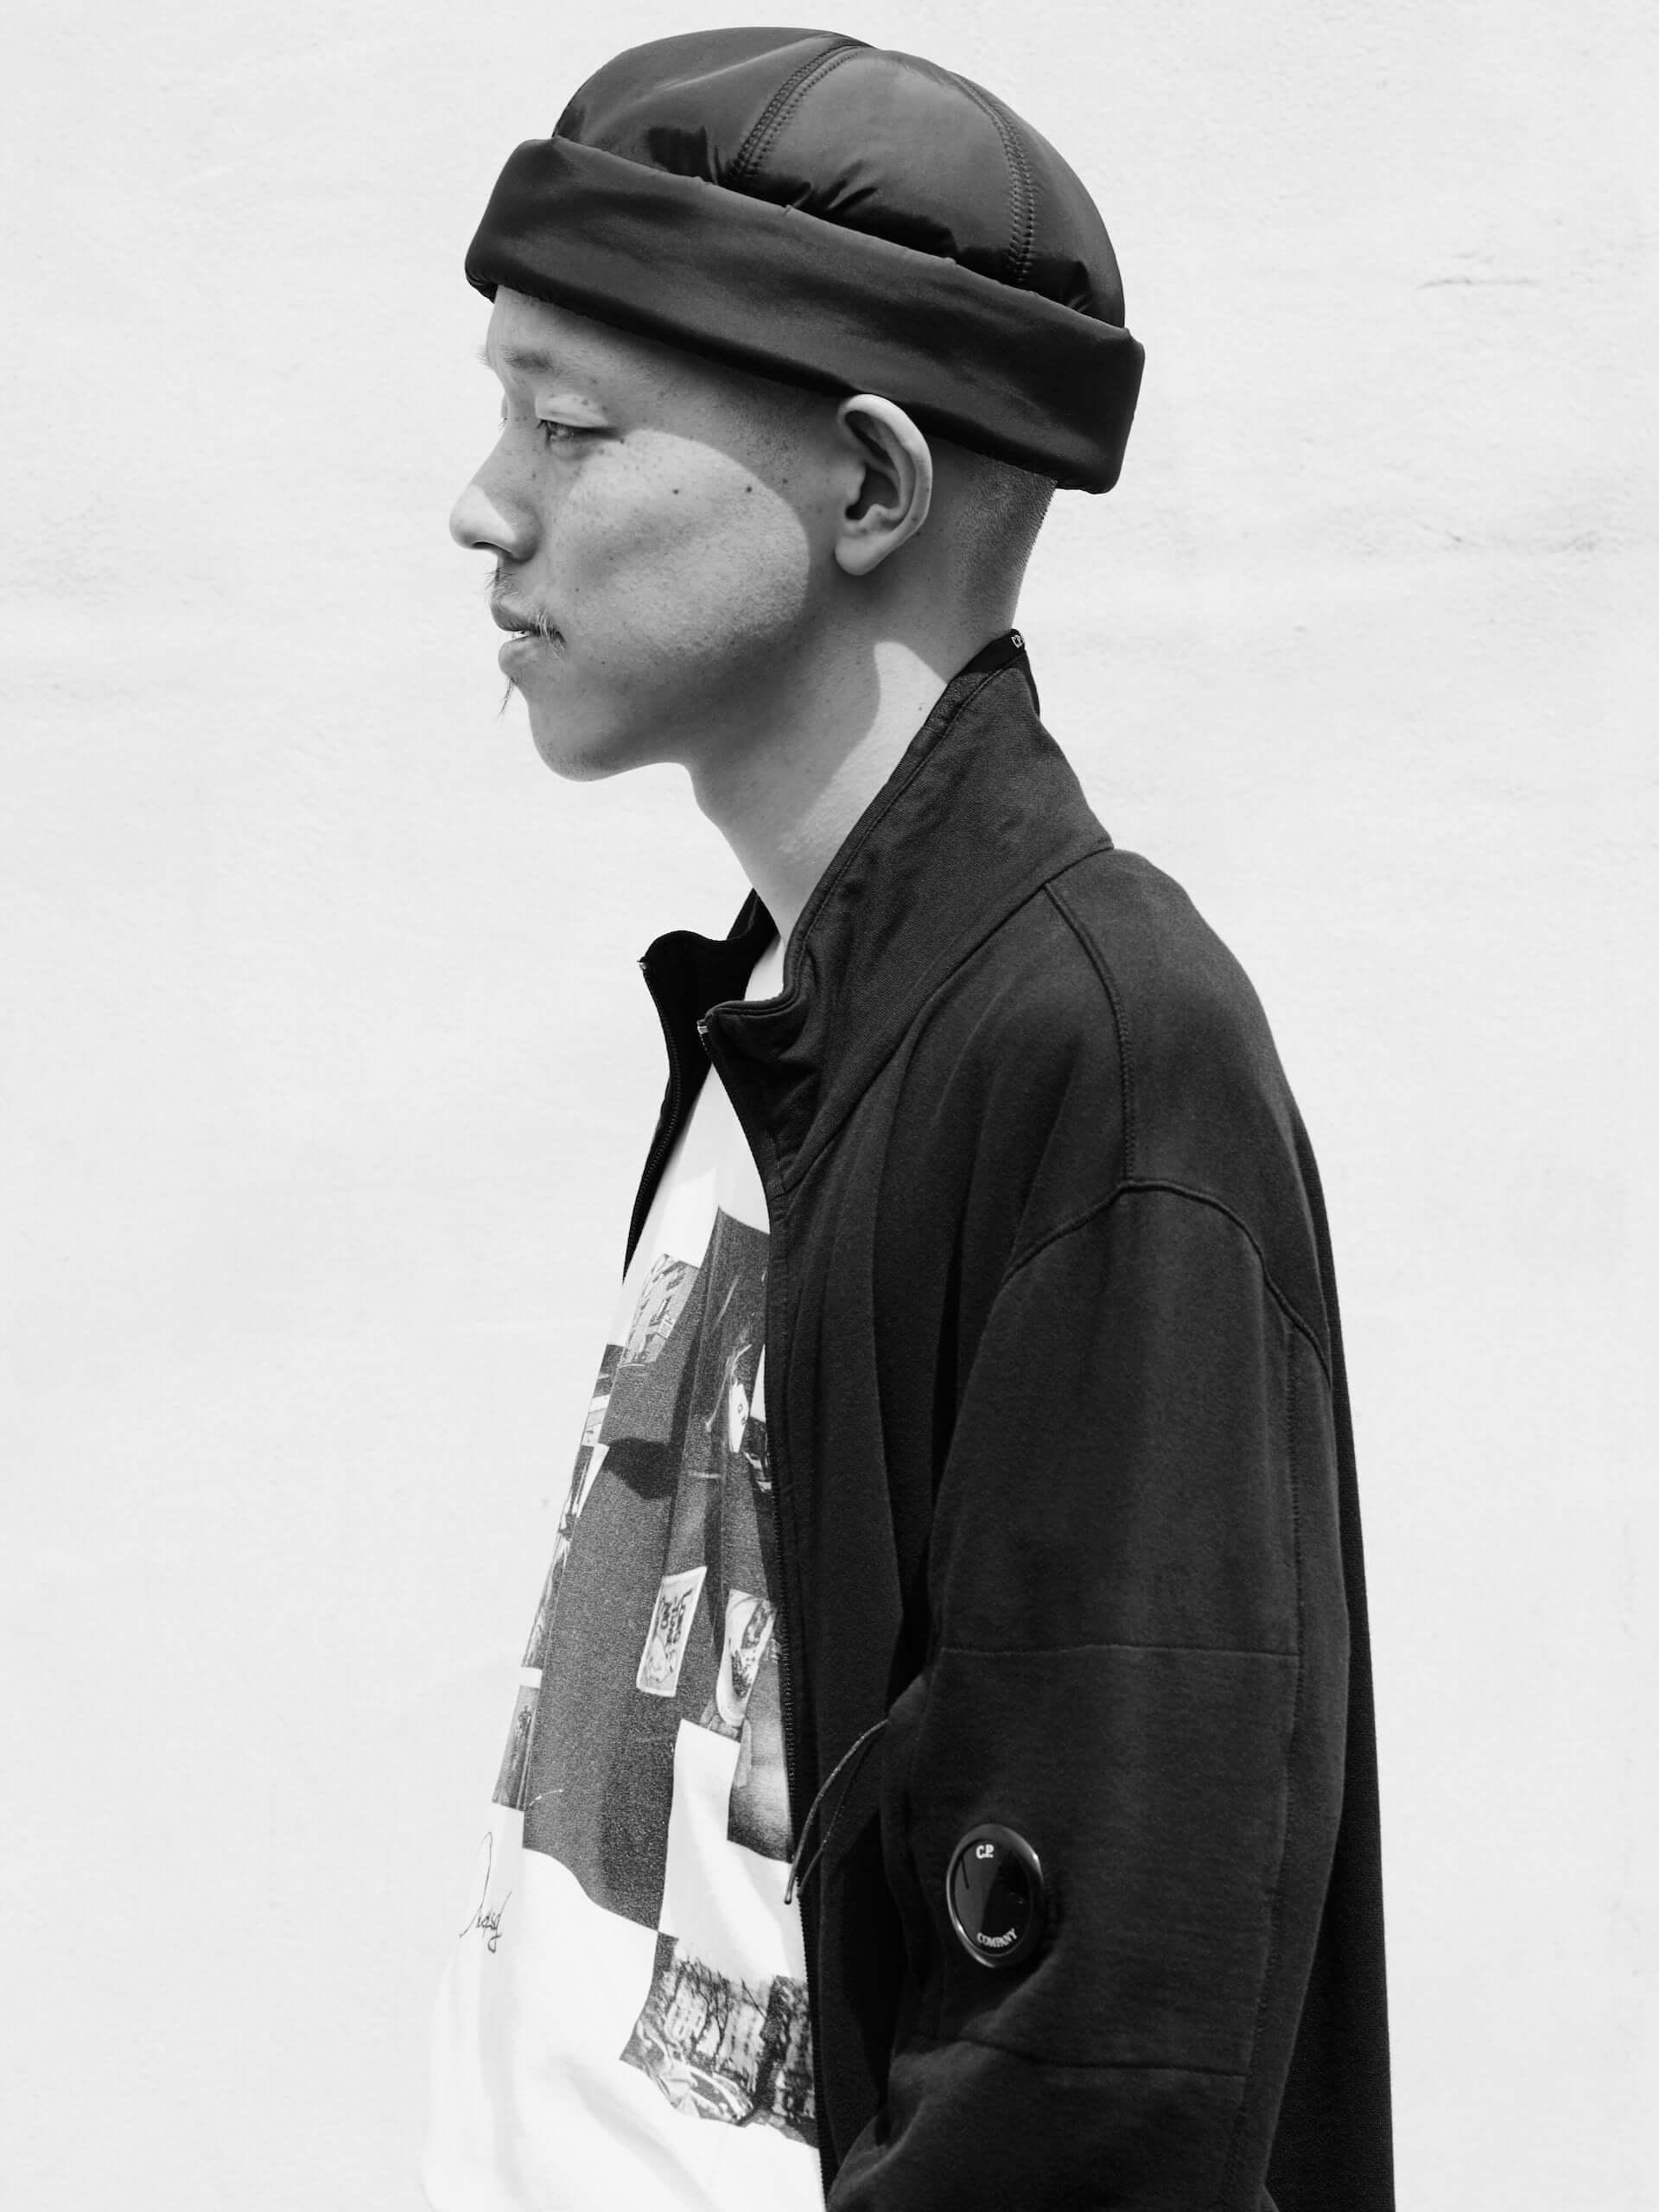 豊田利晃監督が窪塚洋介を主演に迎えた最新作『全員切腹』を製作決定!Mars89、切腹ピストルズらが音楽で参加 film210322_toshiakitoyoda_5-1920x2560